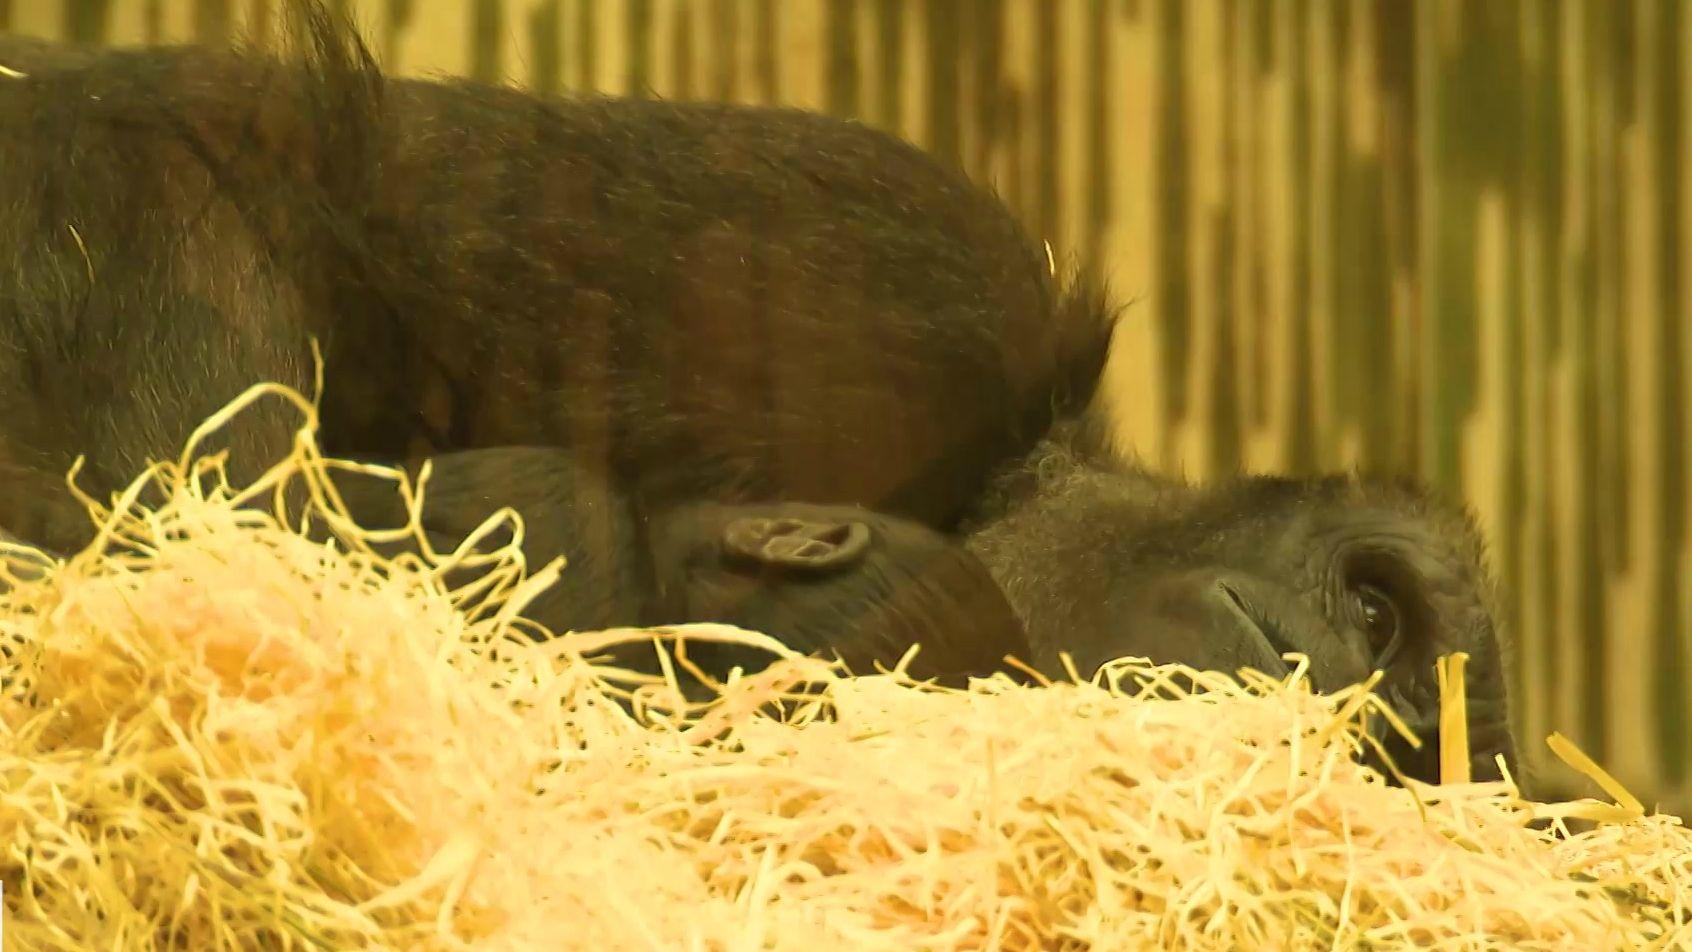 Gorillajunge Kato in liegt im Nürnberger Affengehege in den Armen seiner Mutter Habibu